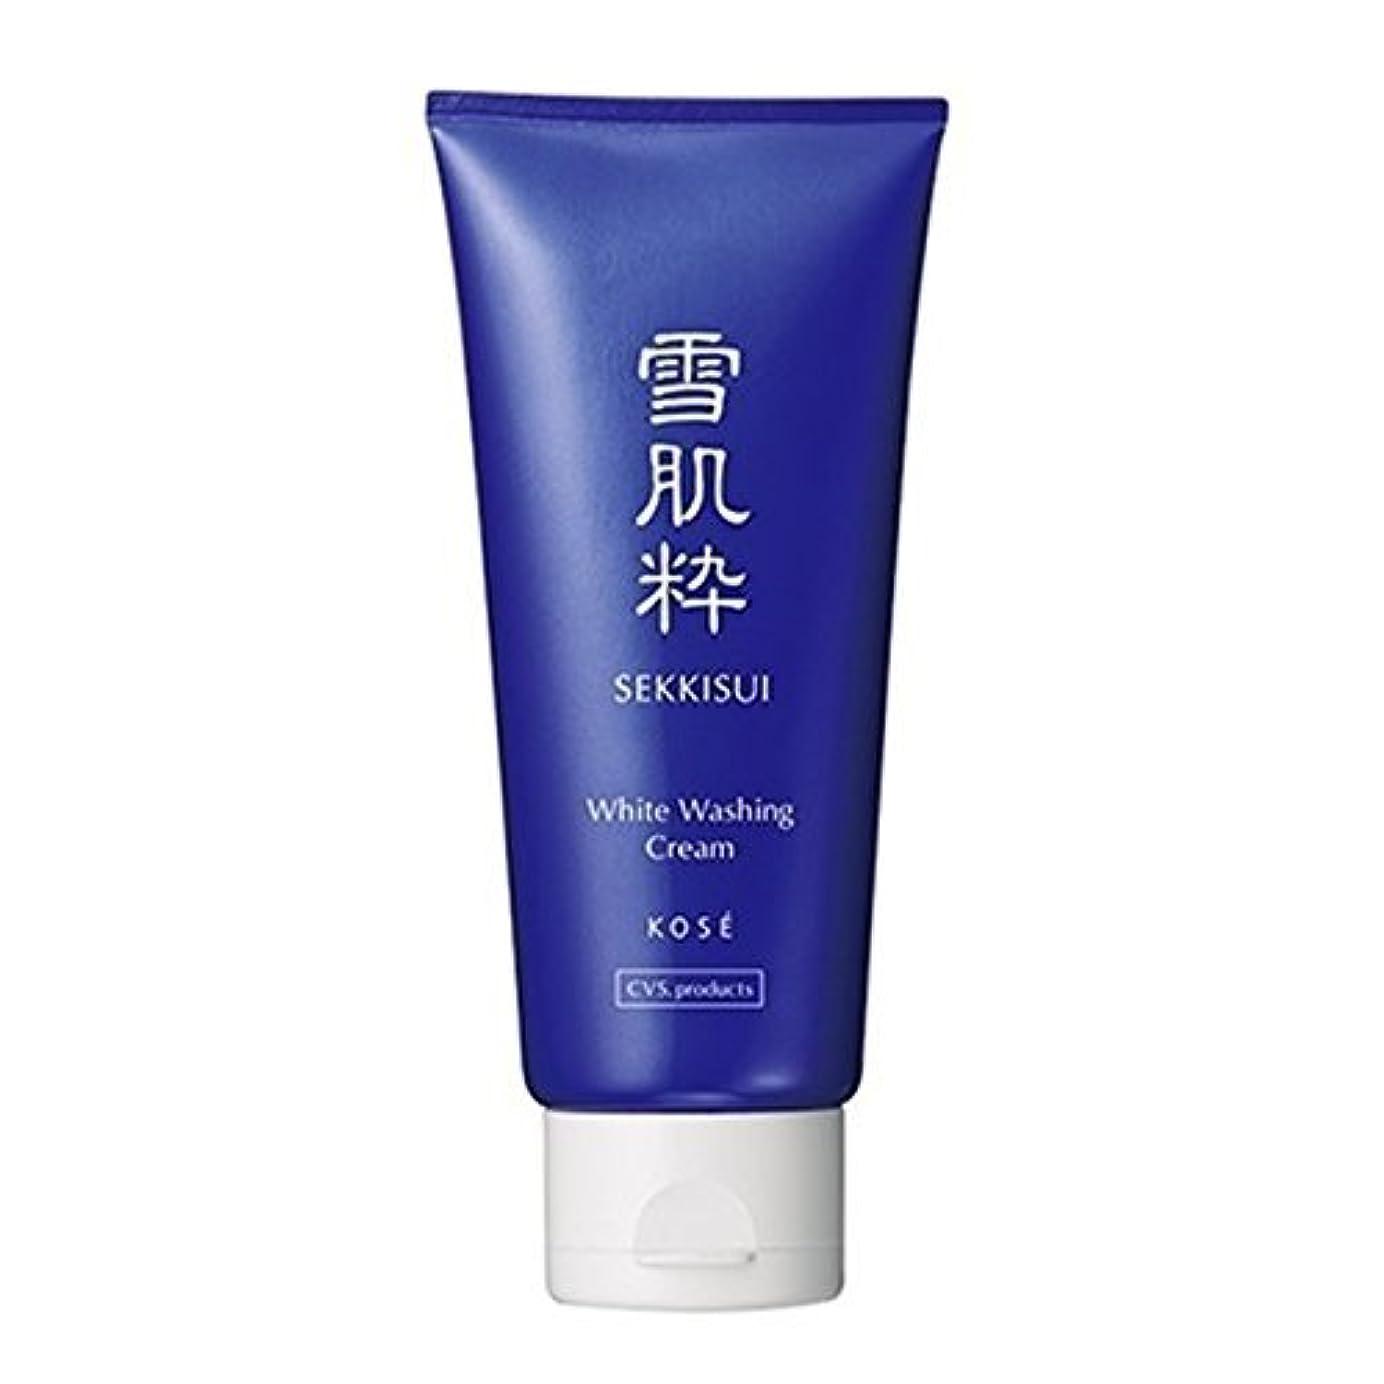 工業用動脈ふけるコーセー 雪肌粋 ホワイト洗顔クリーム Kose Sekkisui White Washing Cream 80g×3本